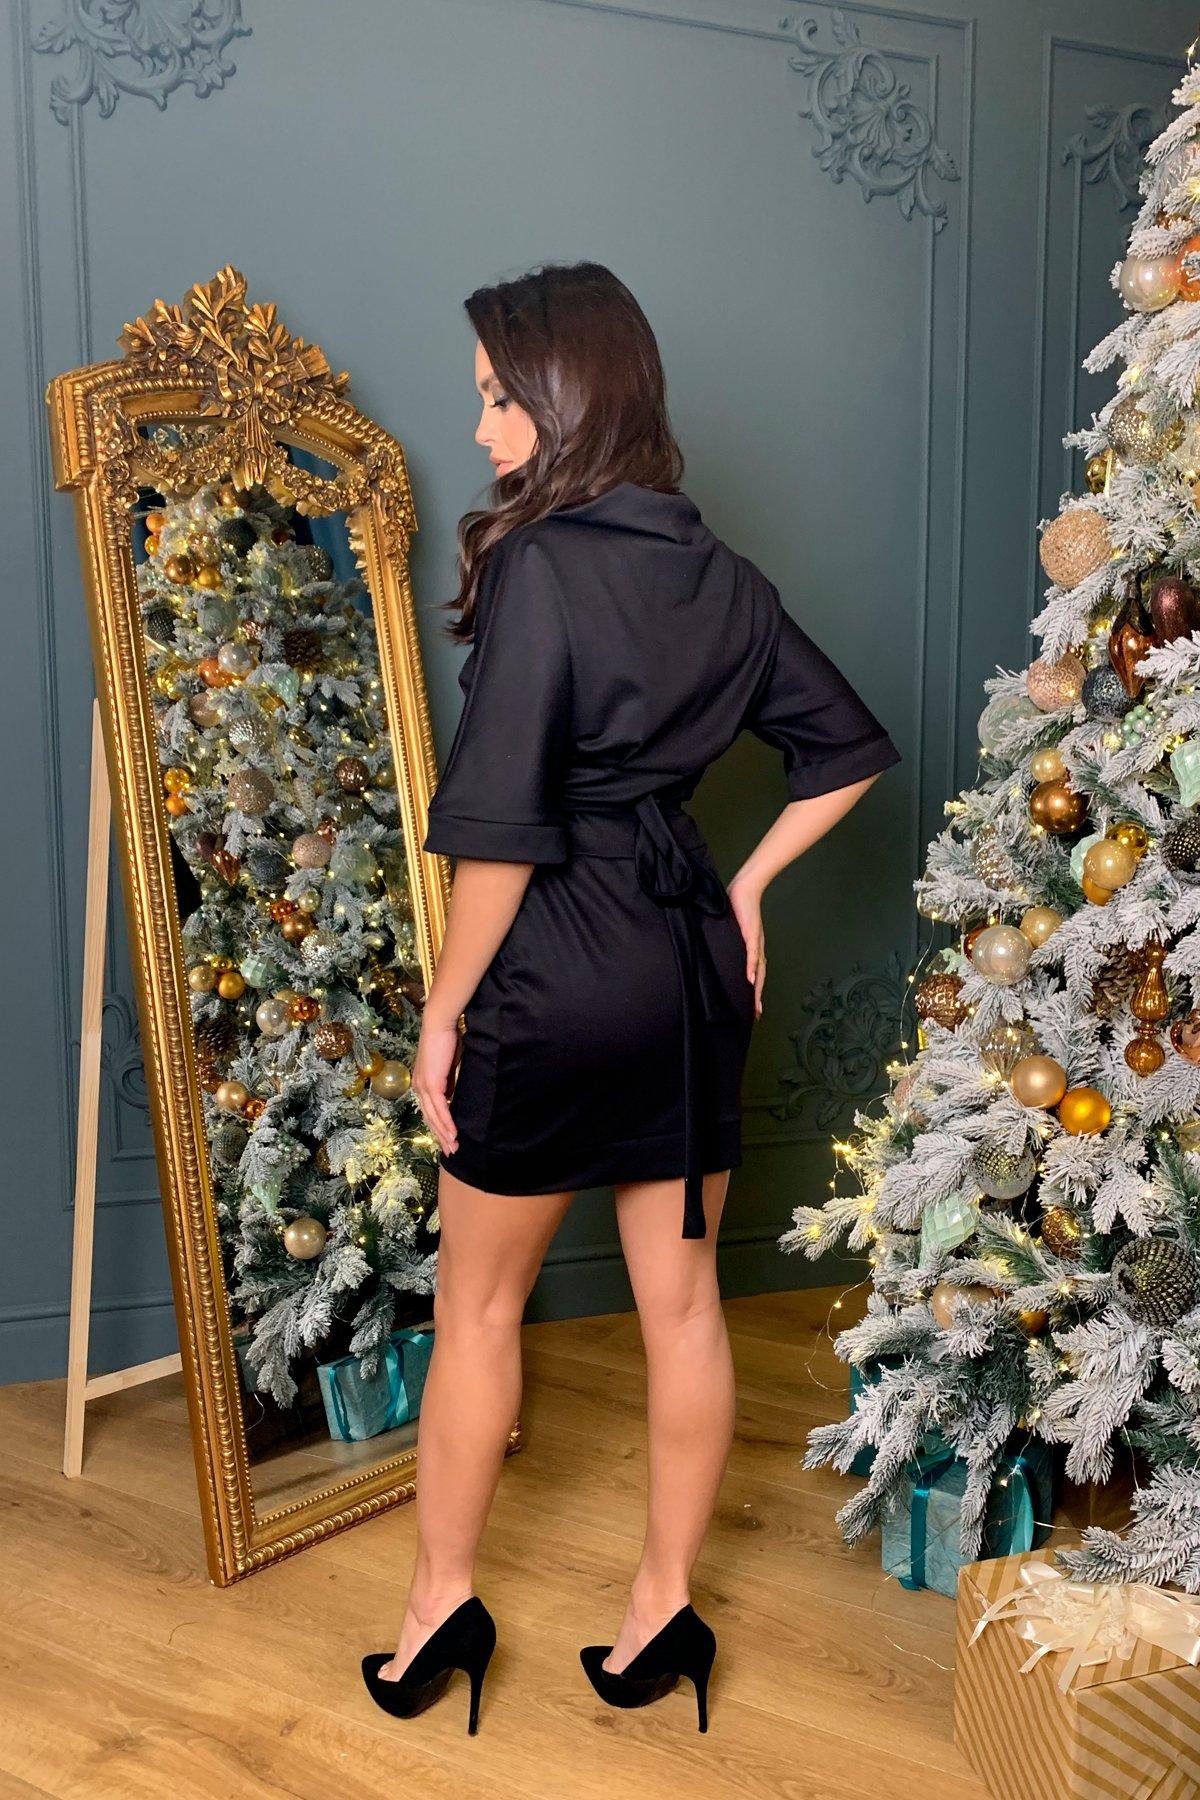 Трикотажное платье Вассаби 8478 АРТ. 44905 Цвет: Черный - фото 3, интернет магазин tm-modus.ru